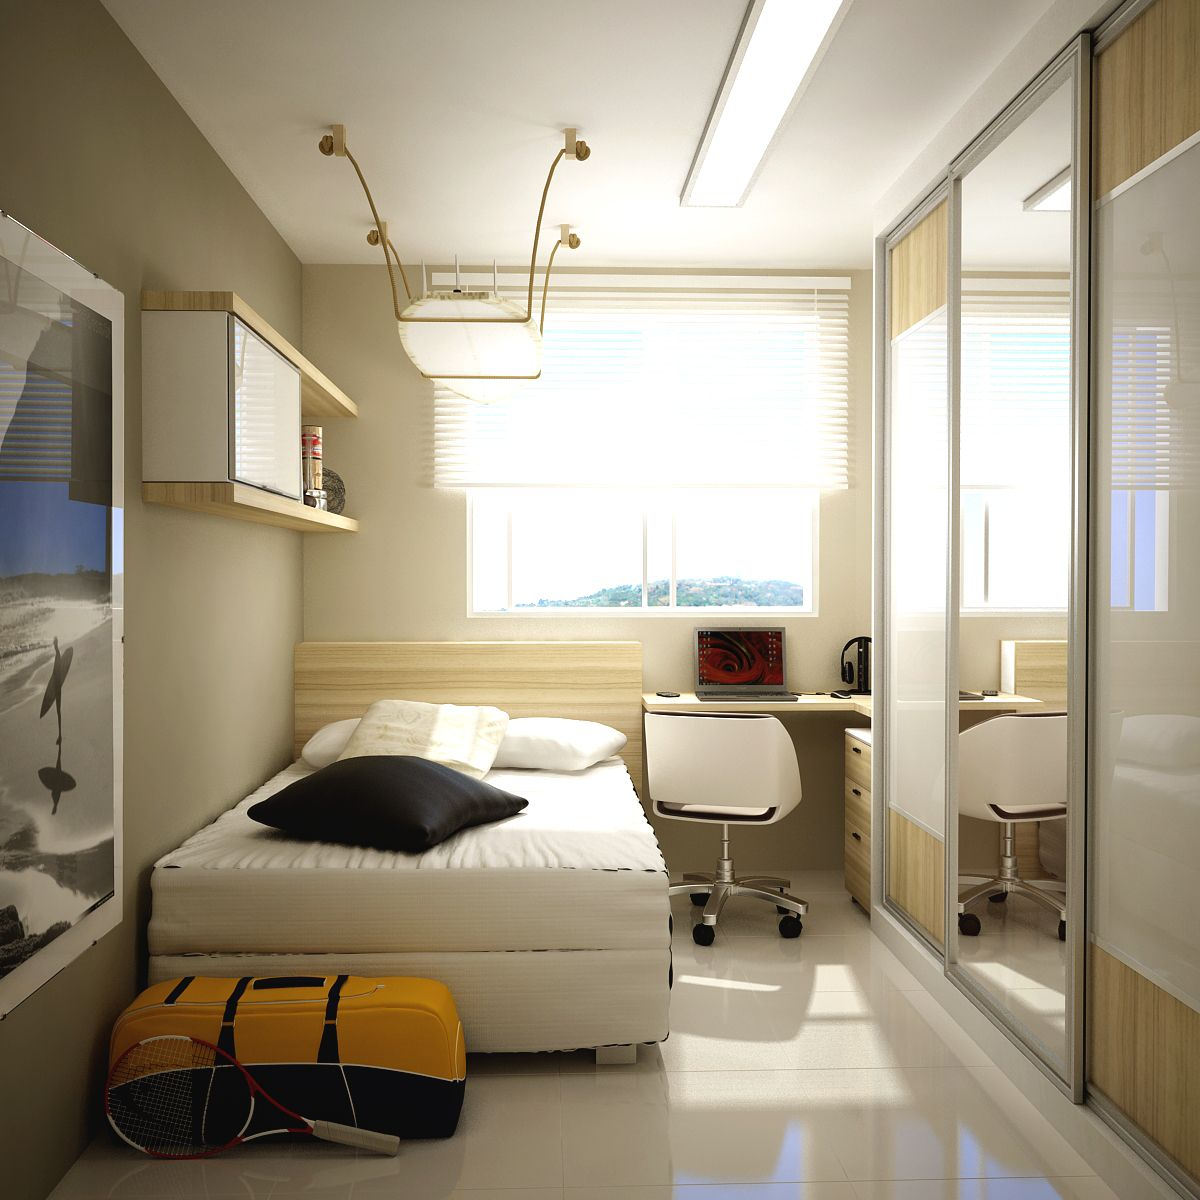 12 Ideias Aconchegantes E Criativas Para Quartos Pequenos  ~ Quarto De Solteiro Planejado Para Apartamento Pequeno